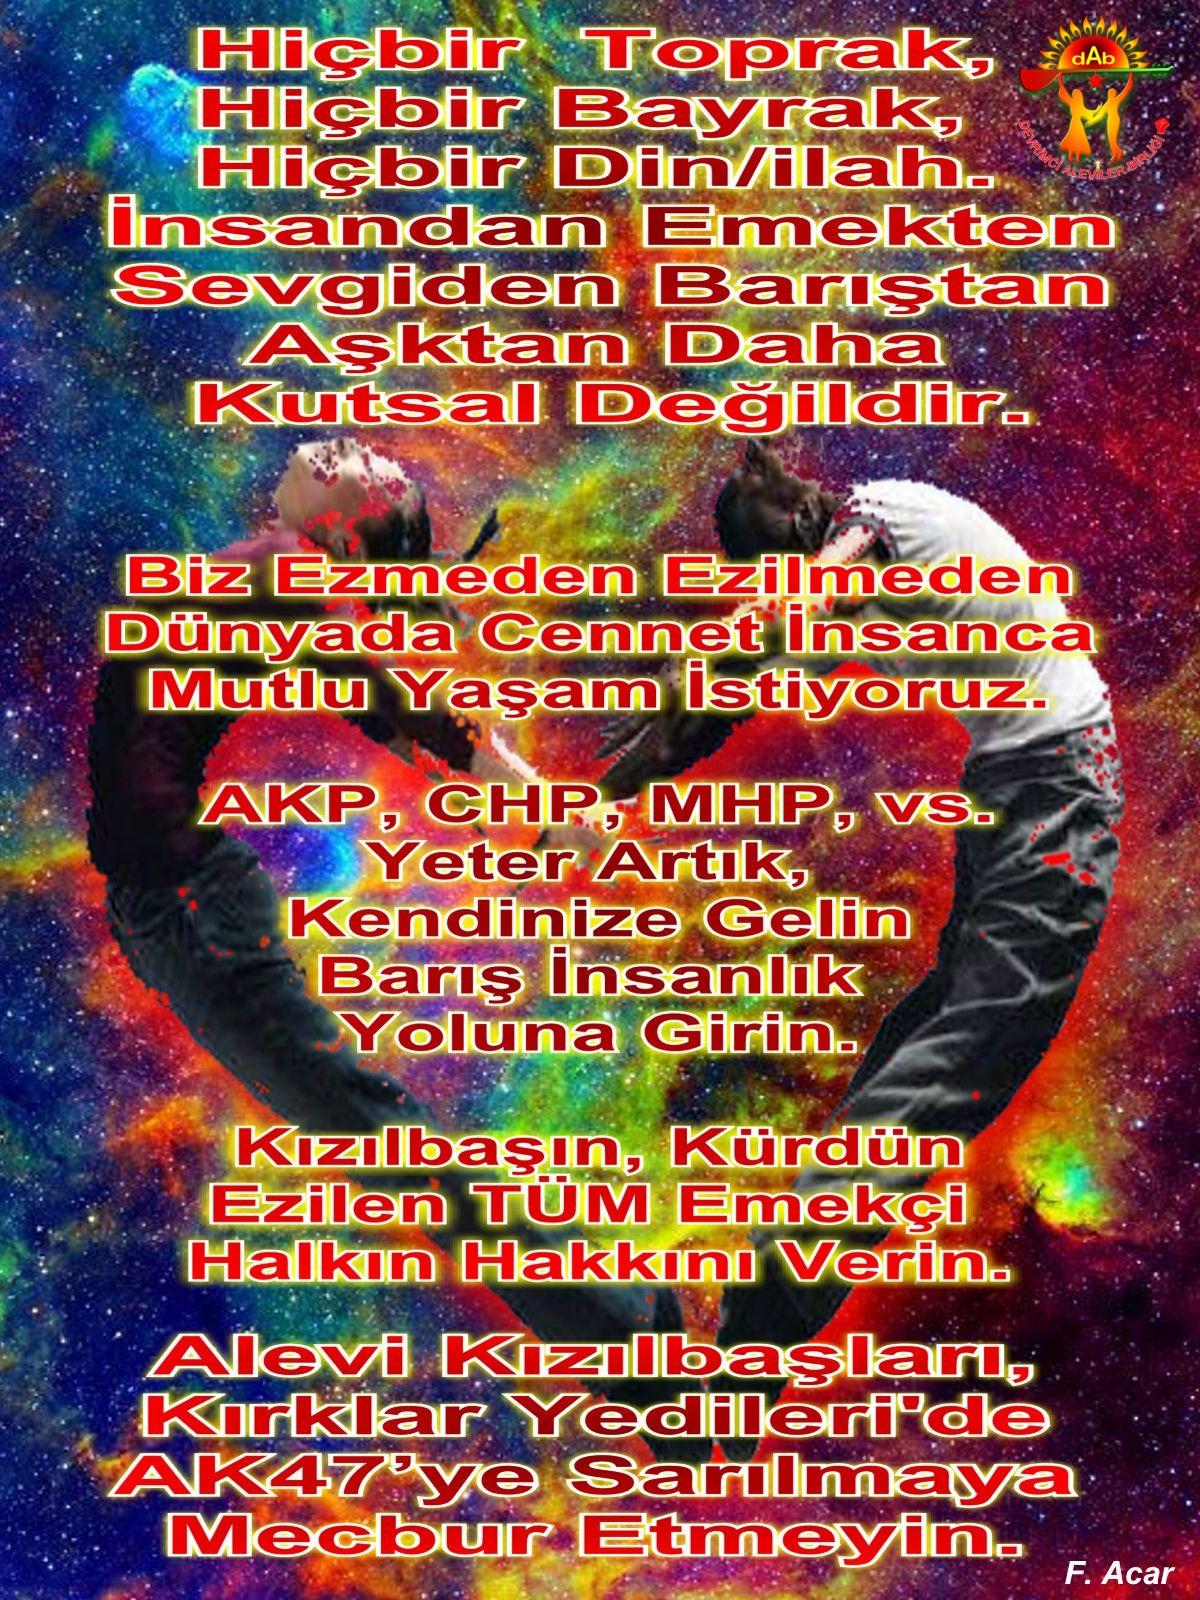 Alevi Bektaşi Kızılbaş Pir Sultan Devrimci Aleviler Birliği DAB mecbur etmeyin